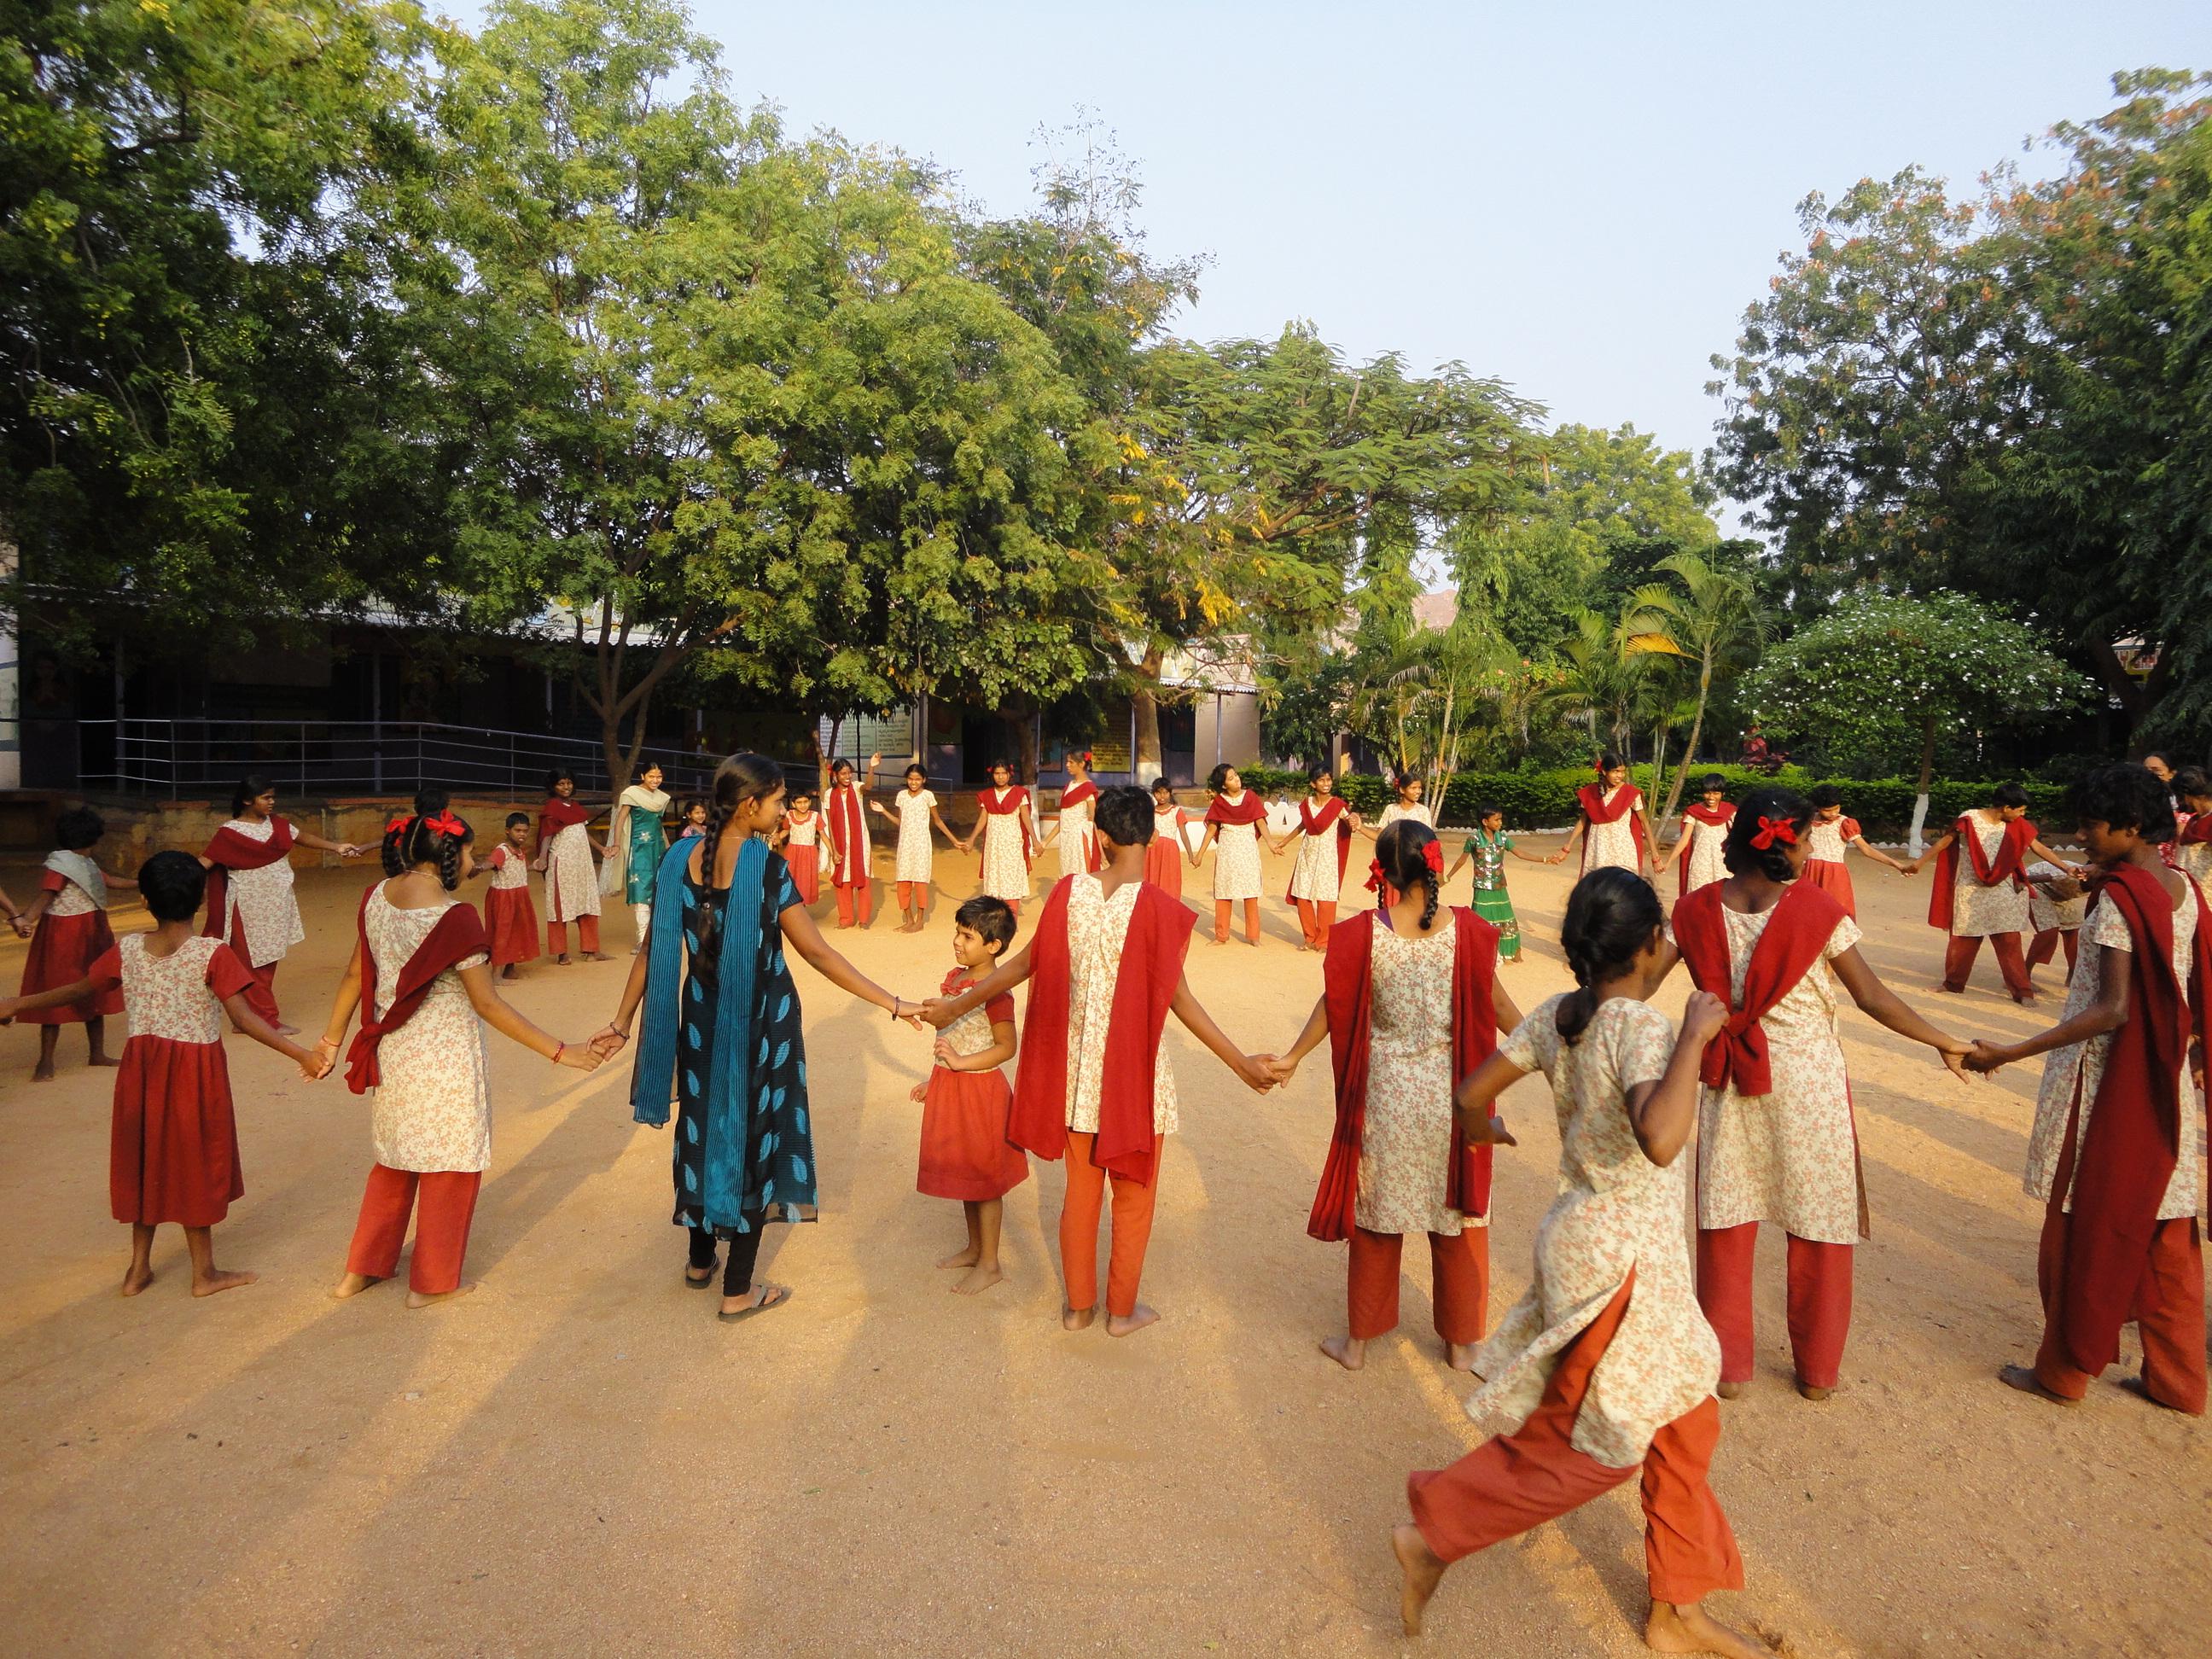 Niñas discapacitadas indias jugando en la escuela. Fundación Vicente Ferrer